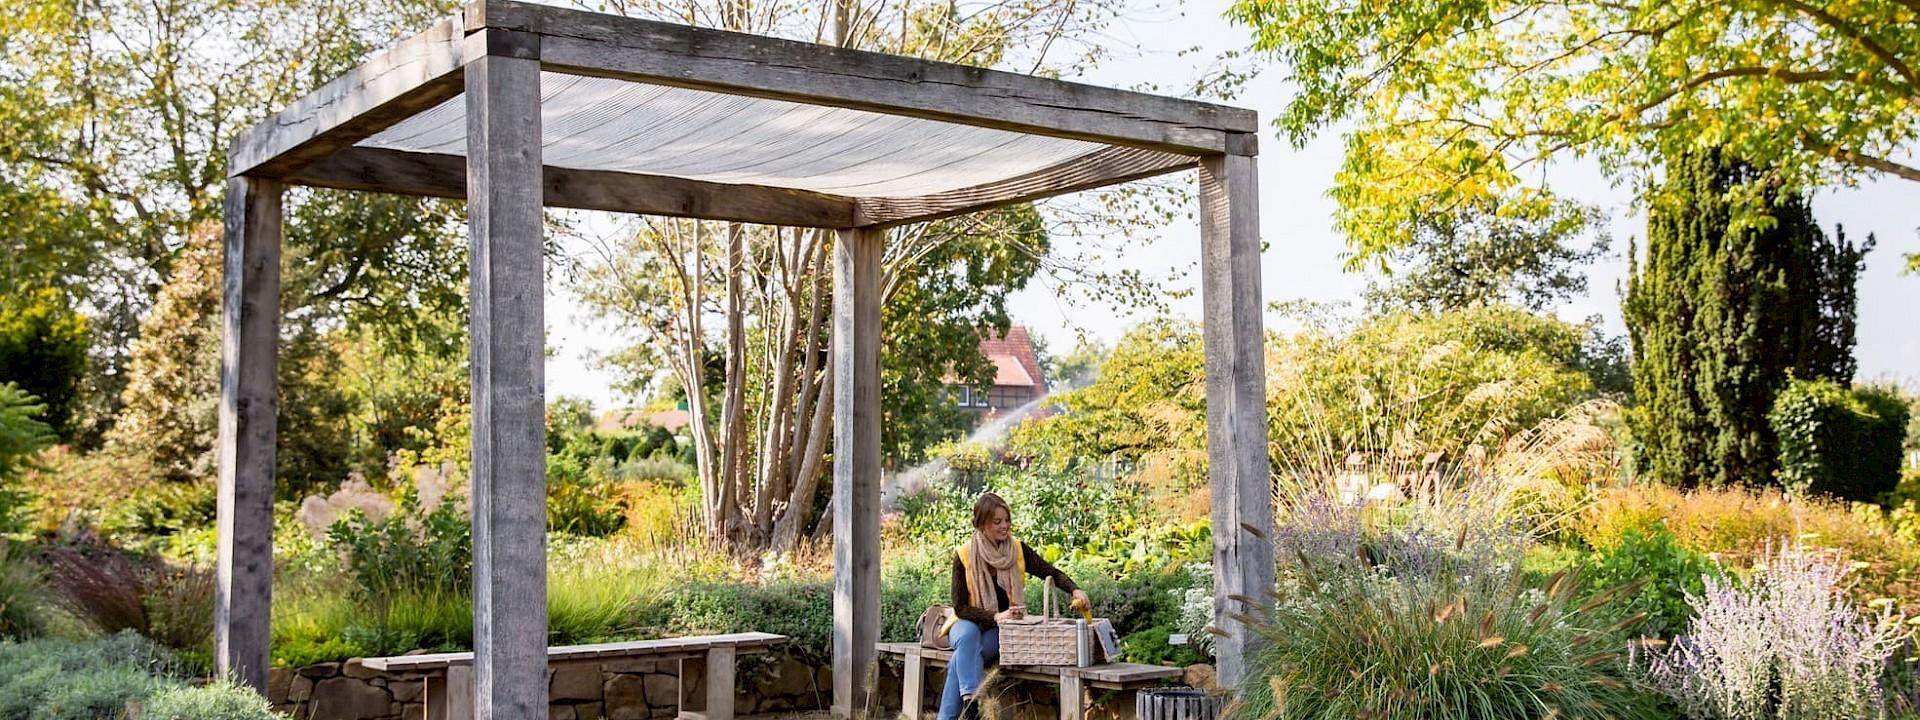 Idyllische Plätze im Garten Picknick im Kreislehrgarten